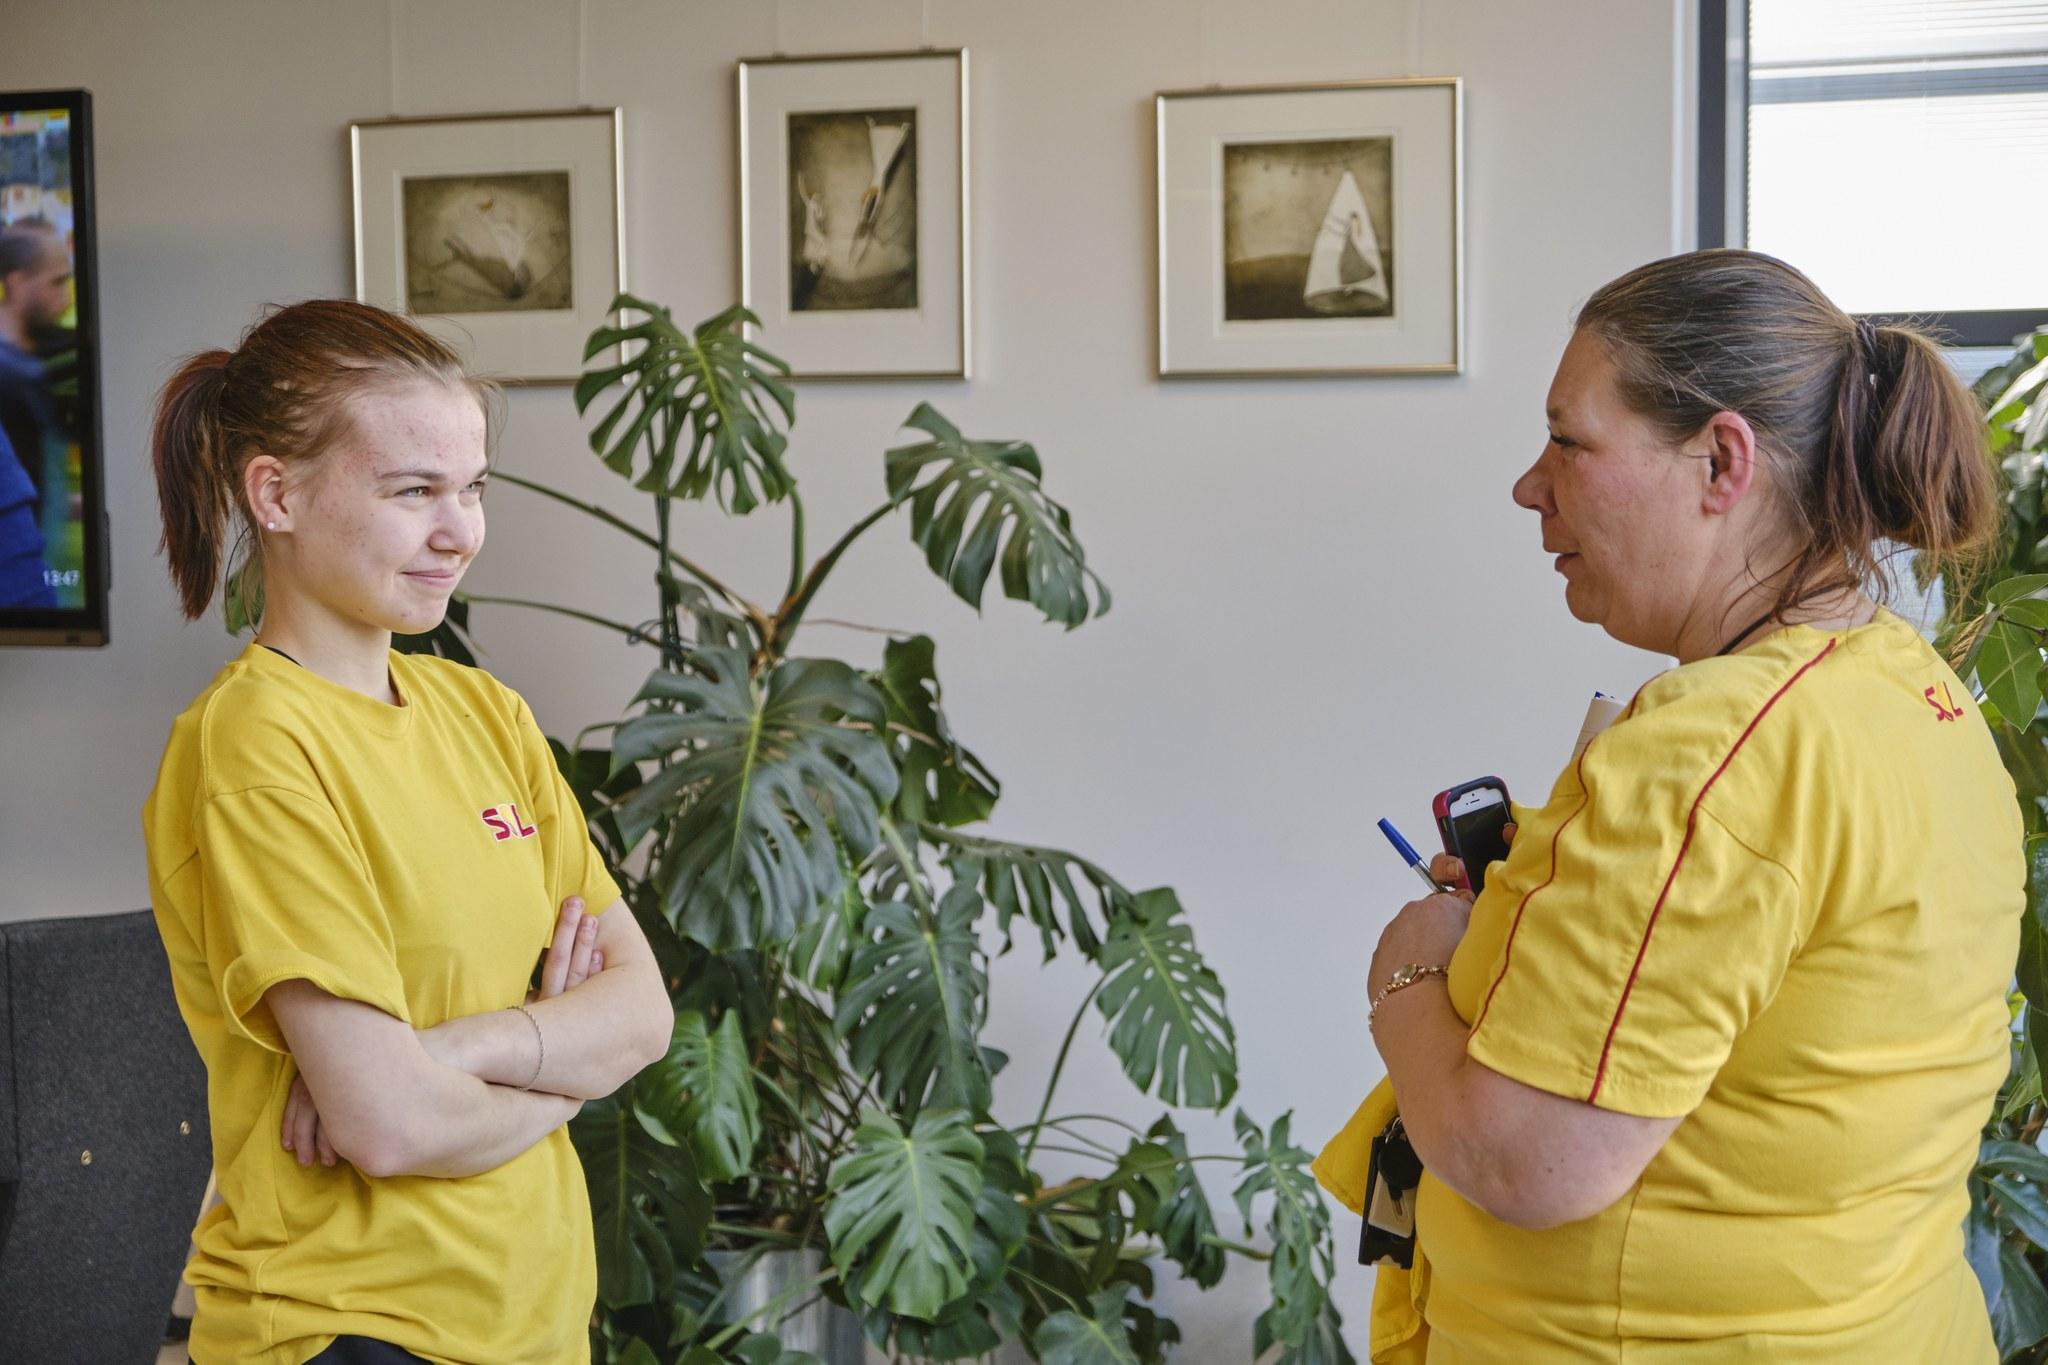 Tina Andersson toimii Annan työpaikkaohjaajana SOL-polussa